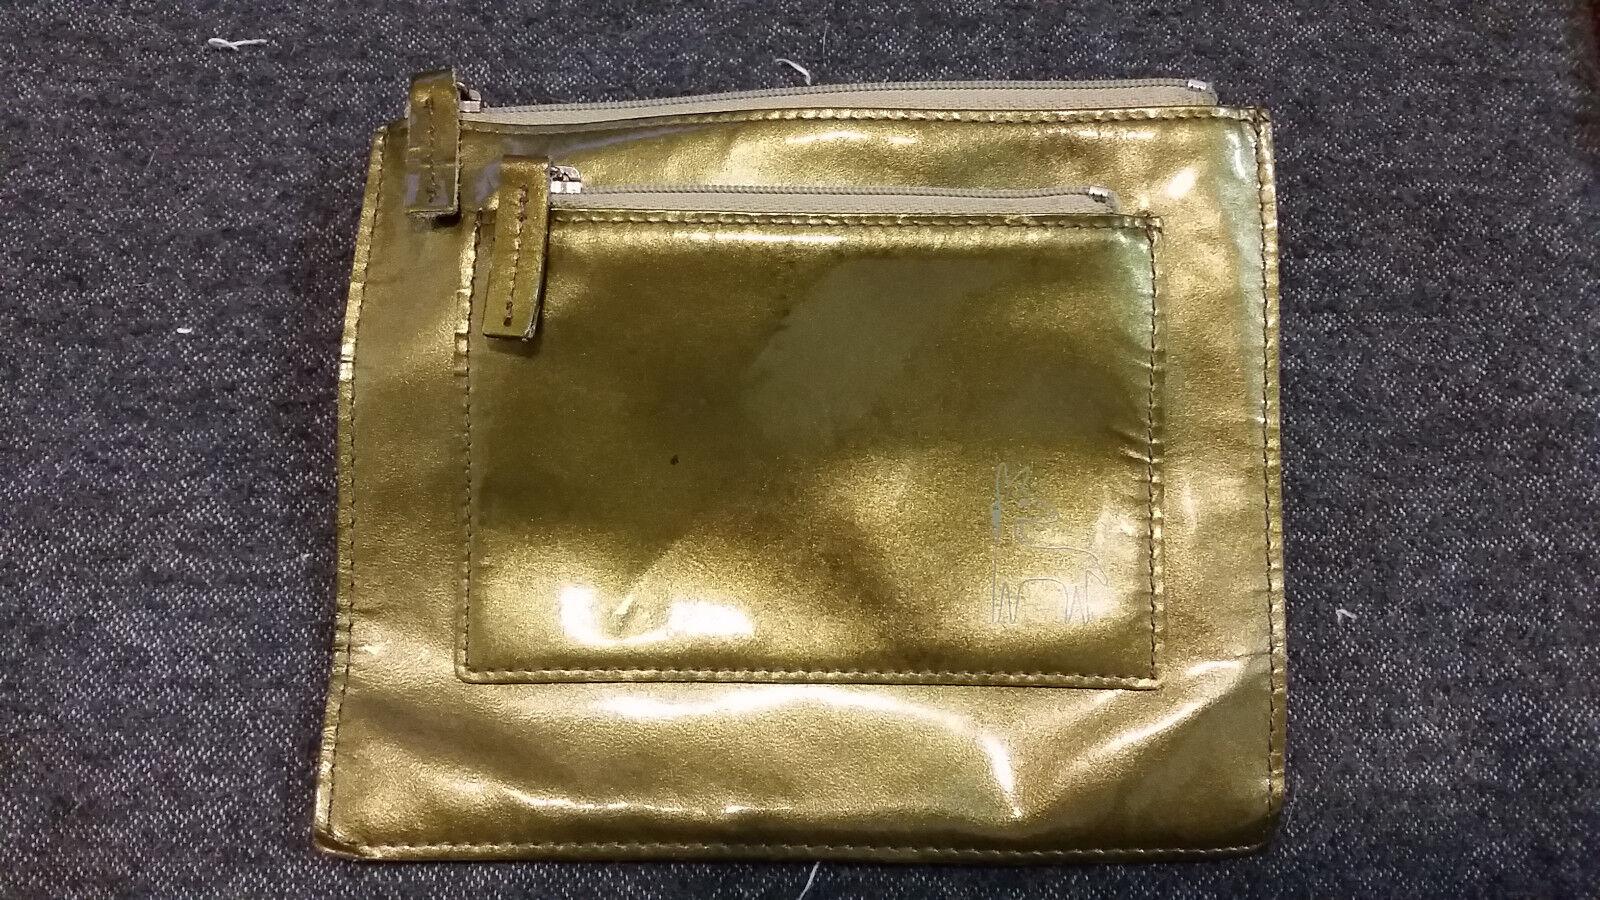 Highway brand wallet - shiny green vinyl with zipper pulls